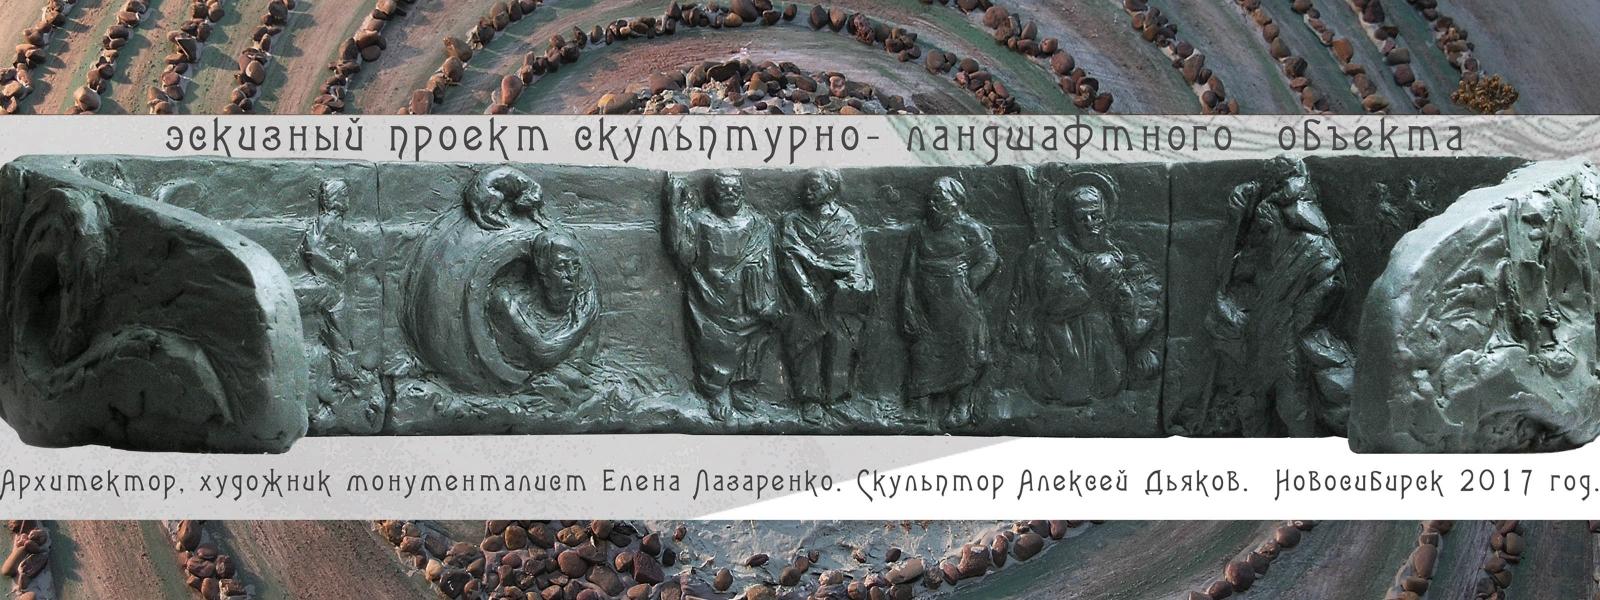 """work-Скульптурно-ландшафтный объект """"Путь к Истине"""""""